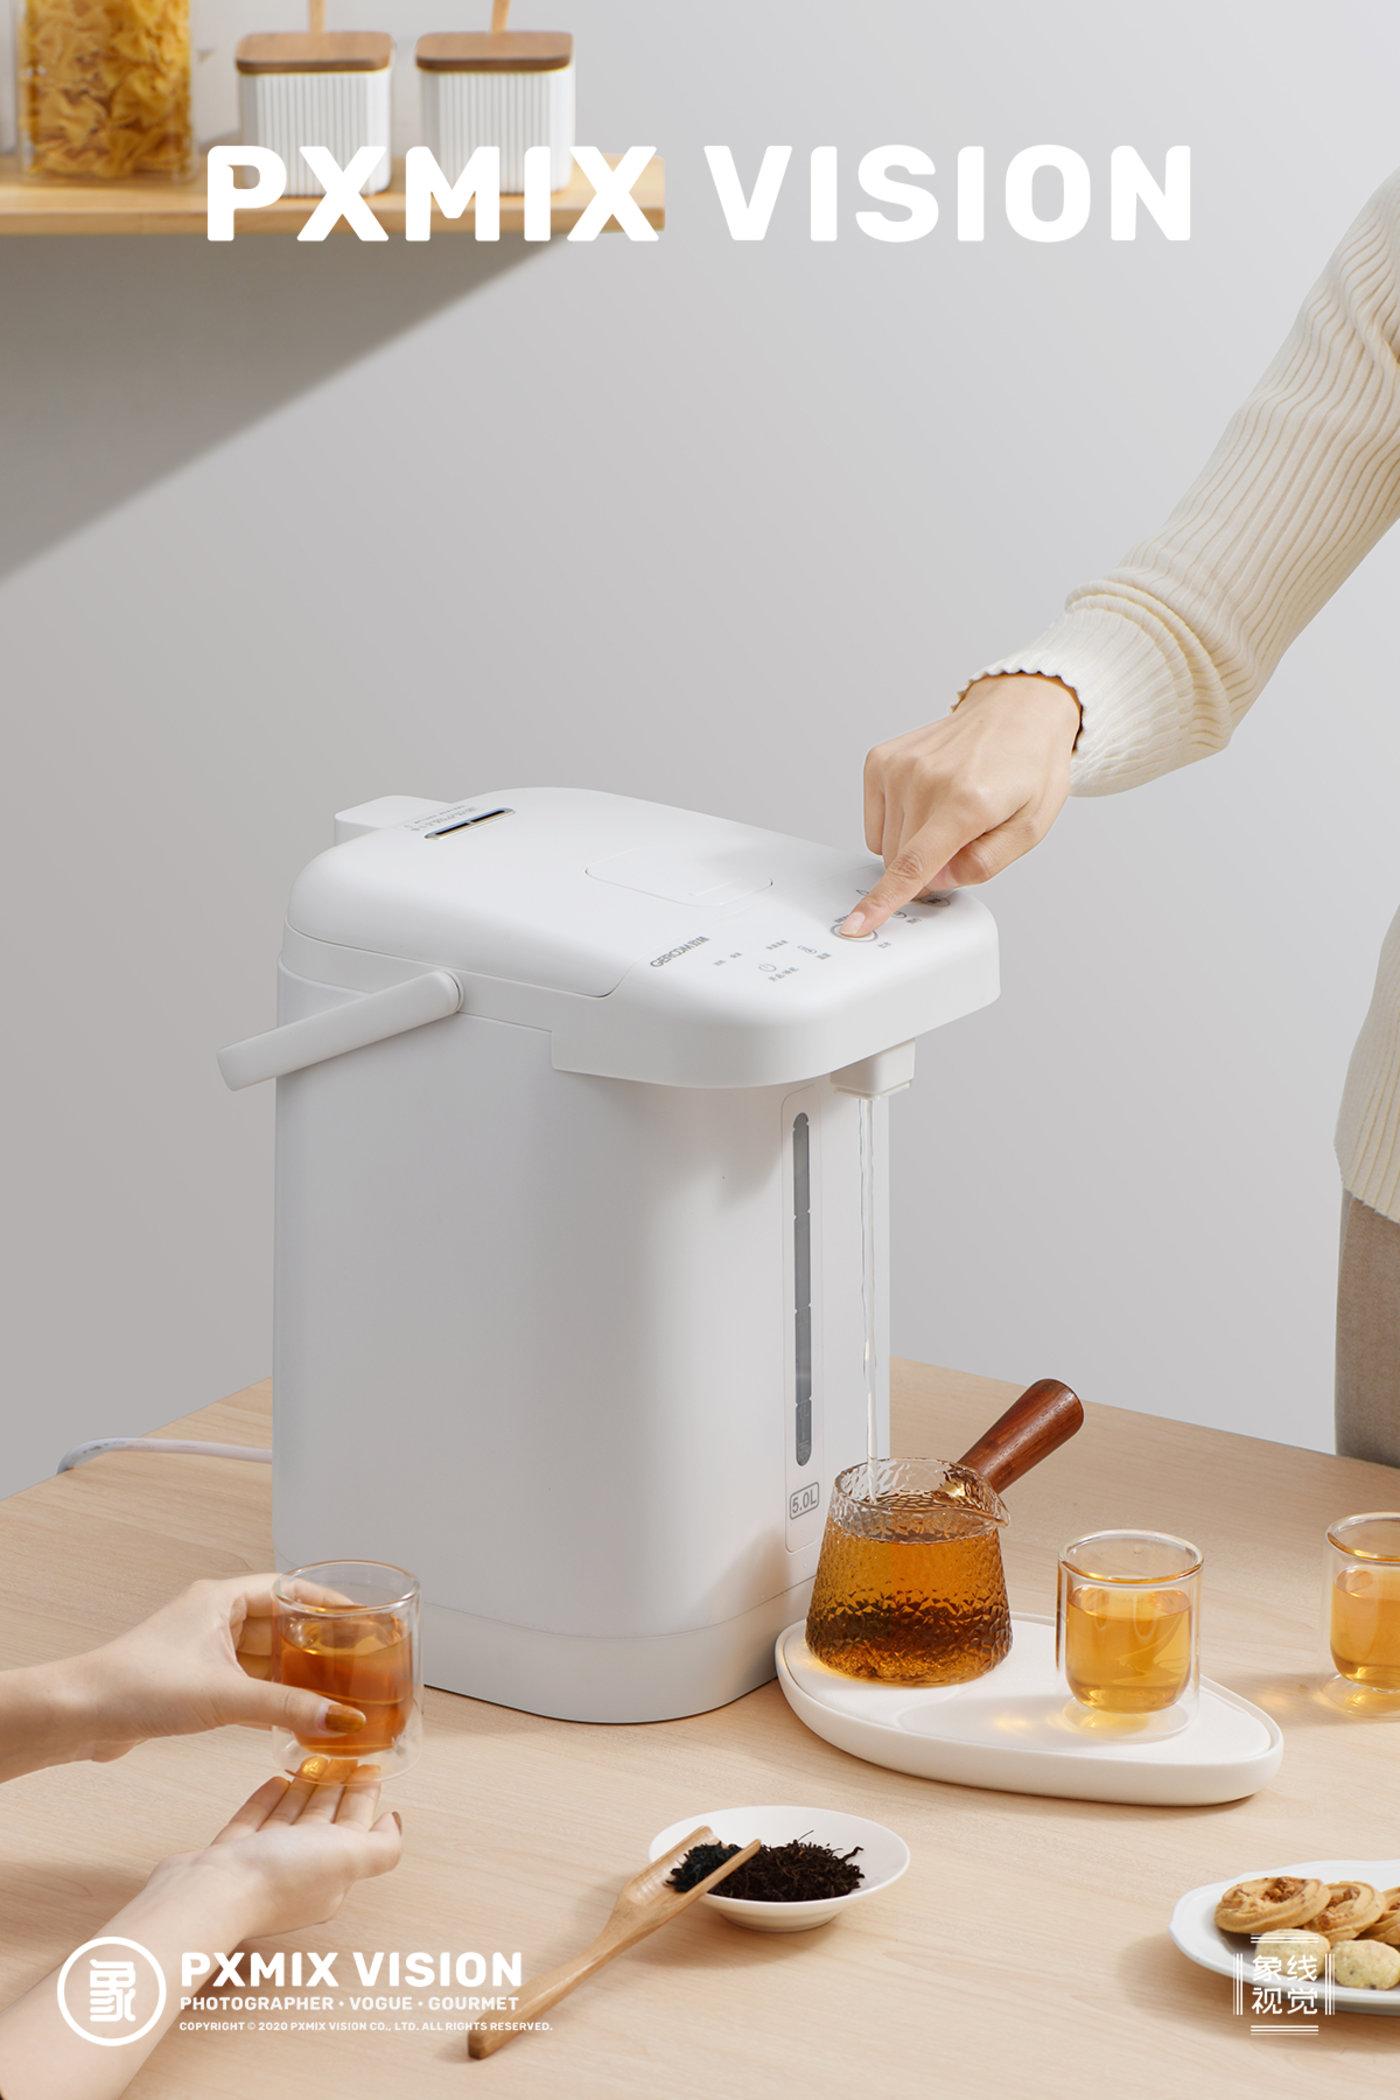 富光 FGA 电暖水壶8